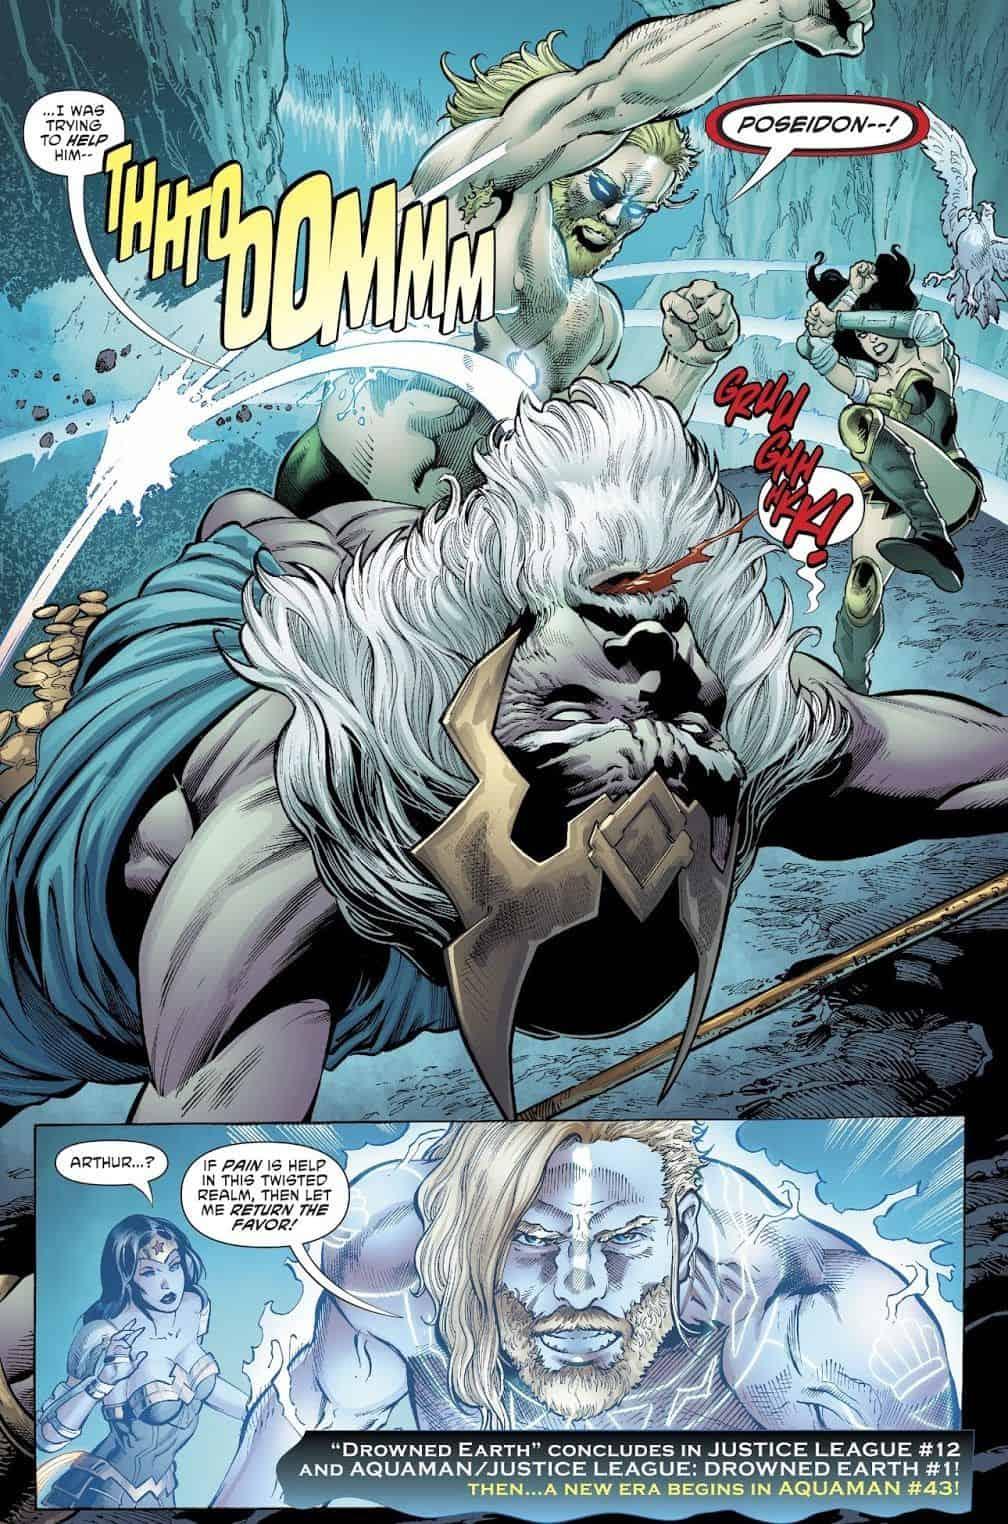 DC Comics Universe, Justice League #12 & Aquaman #42